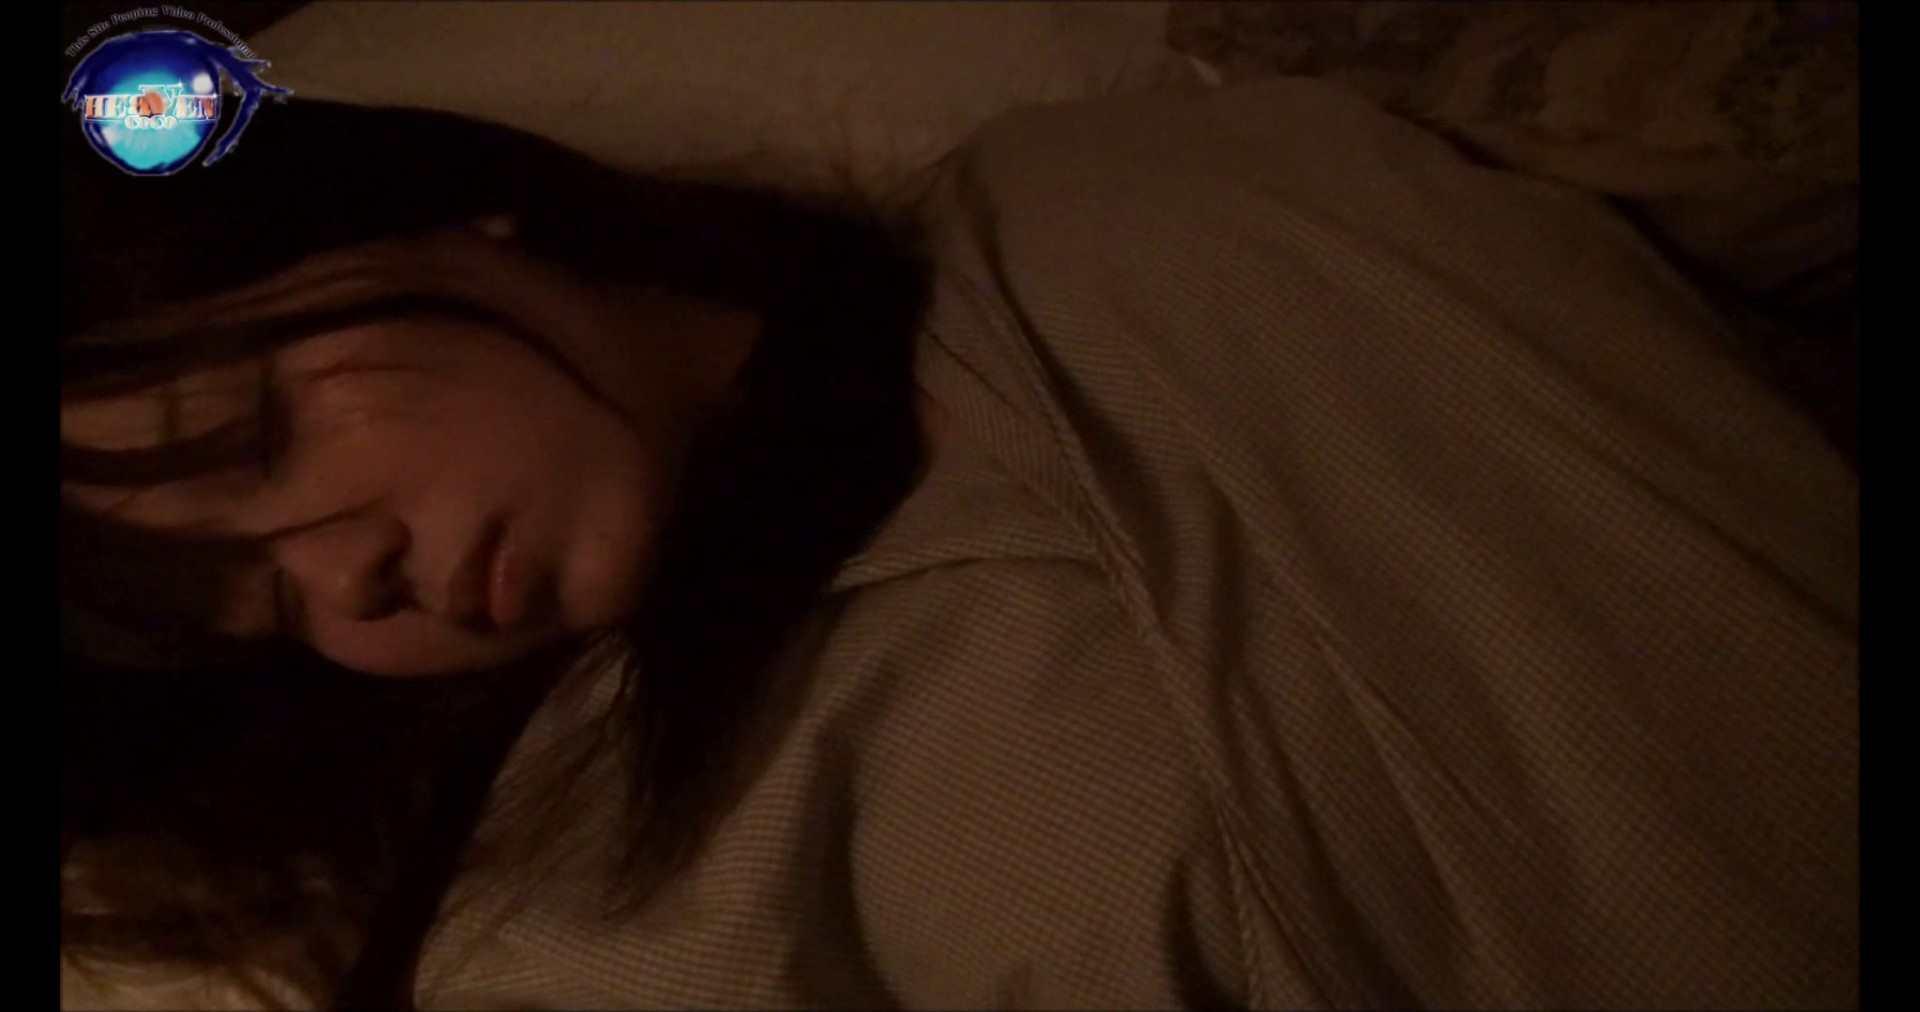 睡魔 シュウライ 第五弐話 前編 巨乳 覗きおまんこ画像 104pic 53